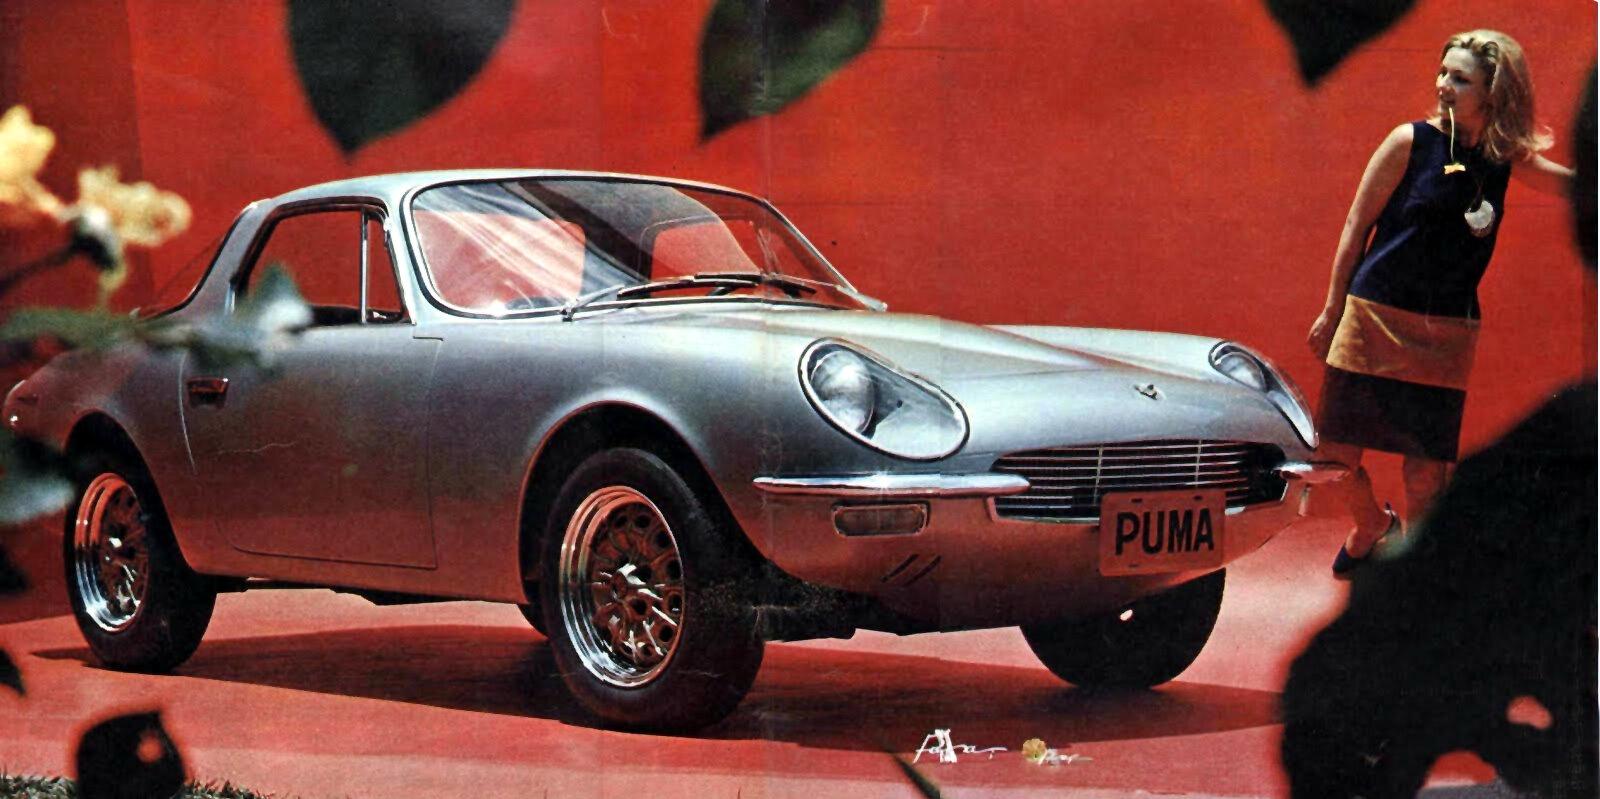 Coche del día: Puma GT